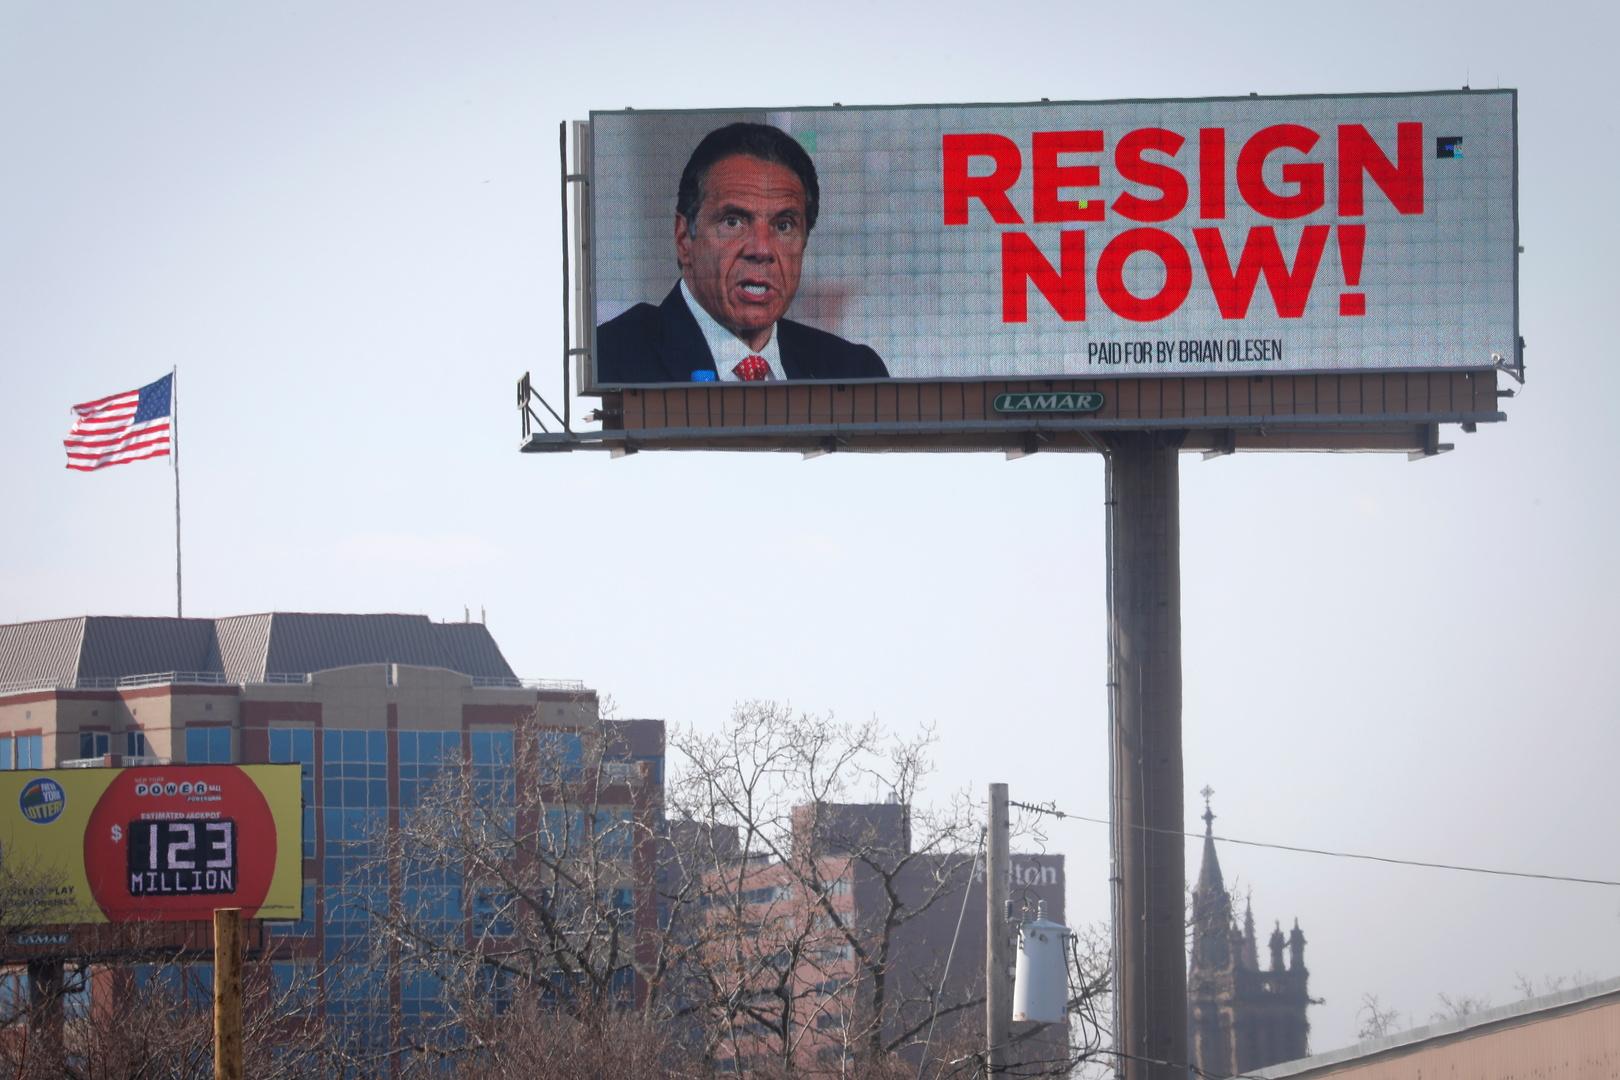 لوحة إعلانات إلكترونية توجه رسالة لحاكم نيويورك كومو